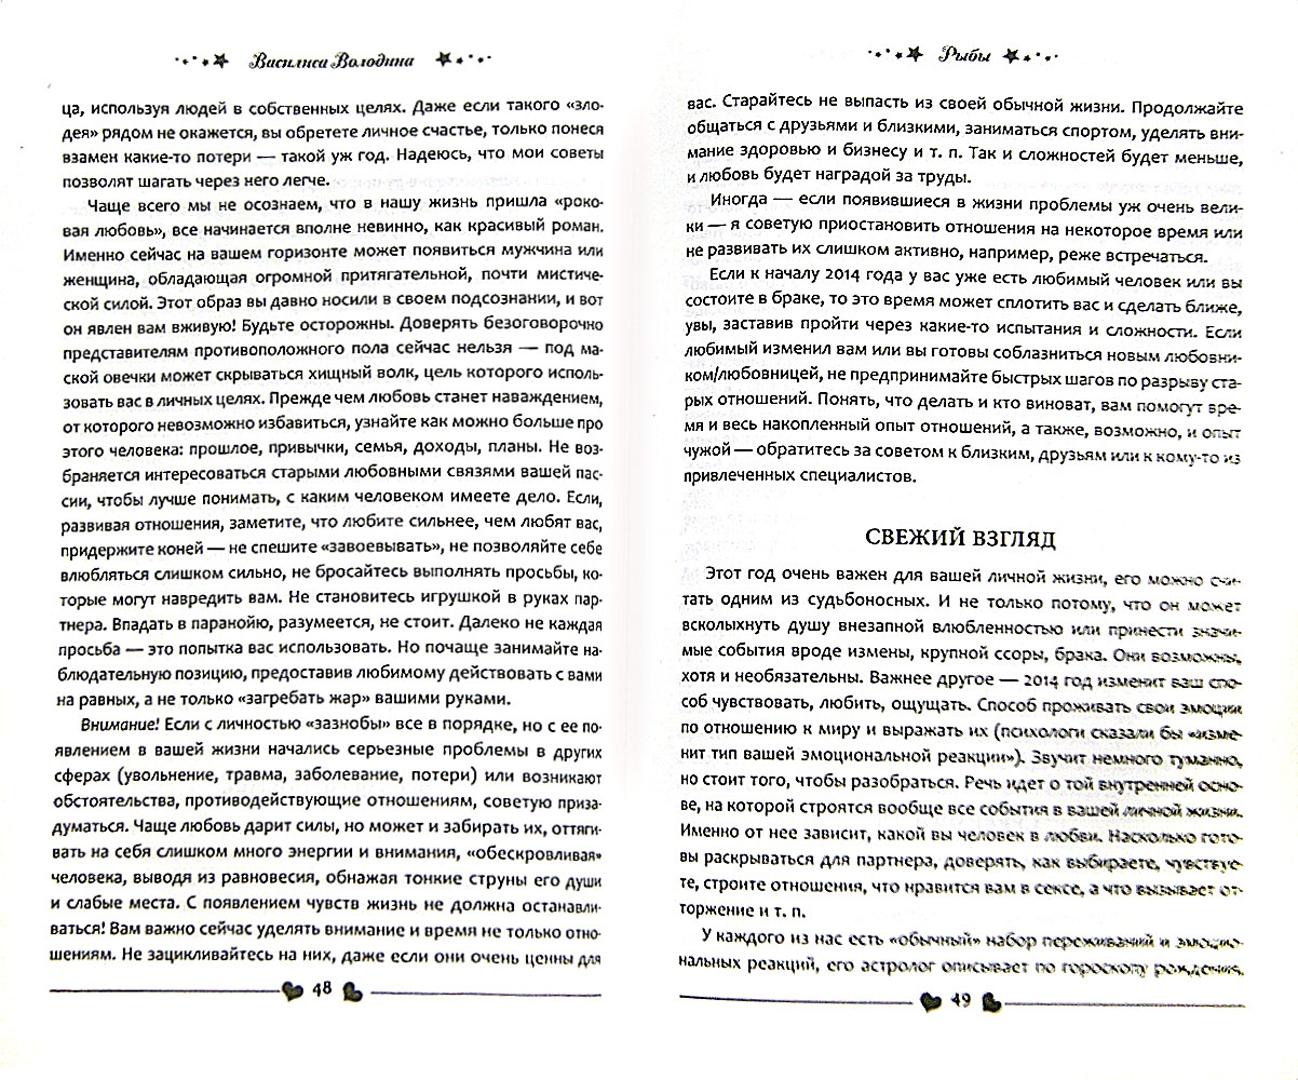 Иллюстрация 1 из 2 для Рыбы. Любовный прогноз на 2014 год. Ваш личный гороскоп любви по дате рождения - Василиса Володина | Лабиринт - книги. Источник: Лабиринт